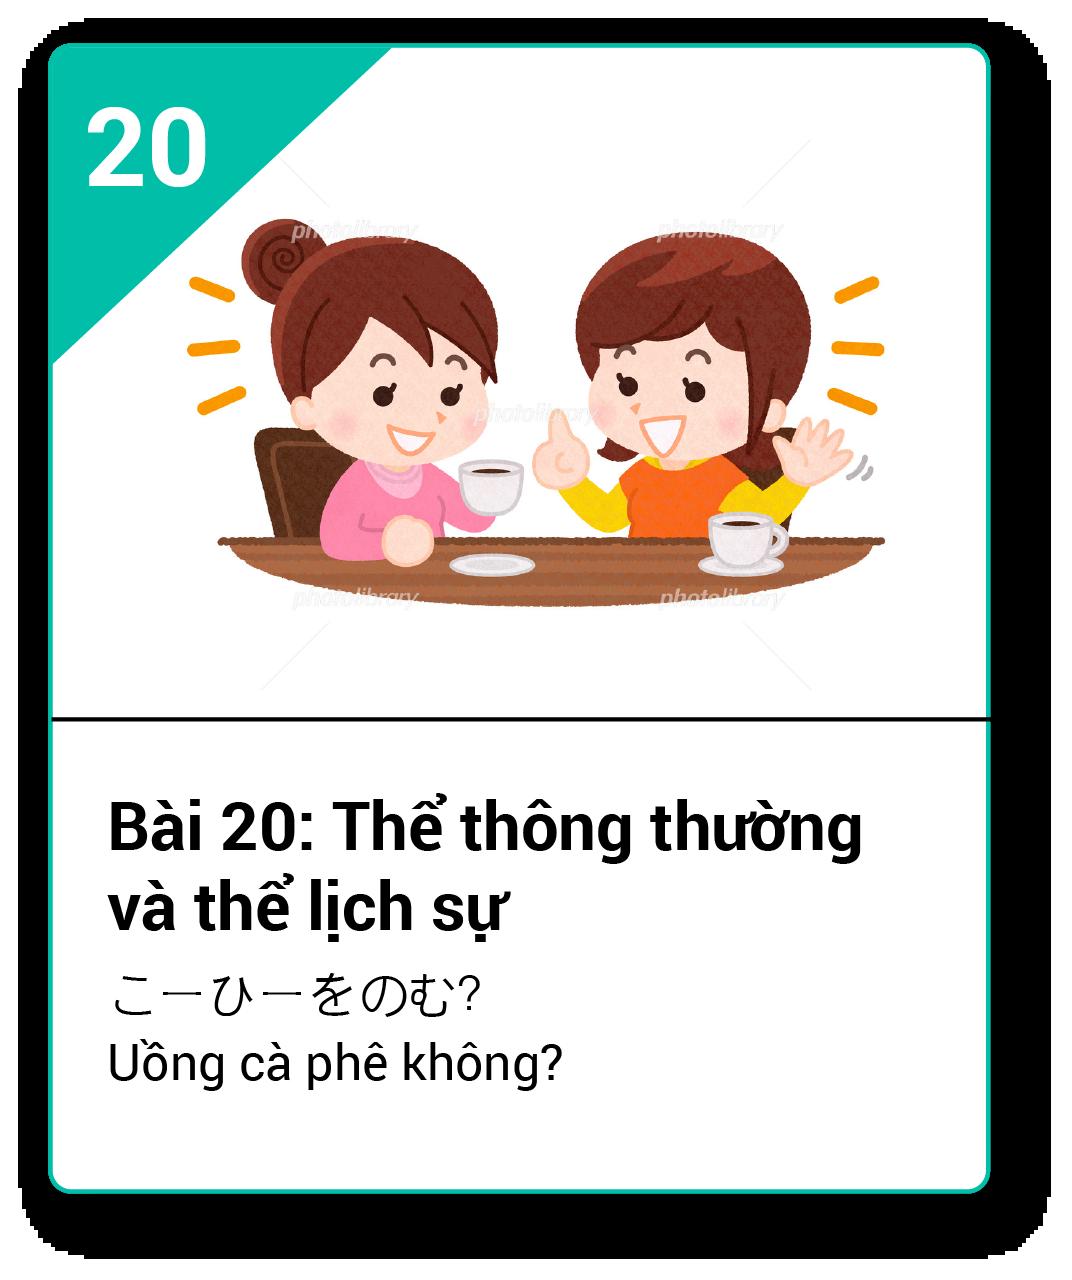 Từ vựng ngữ pháp Minna bài 20